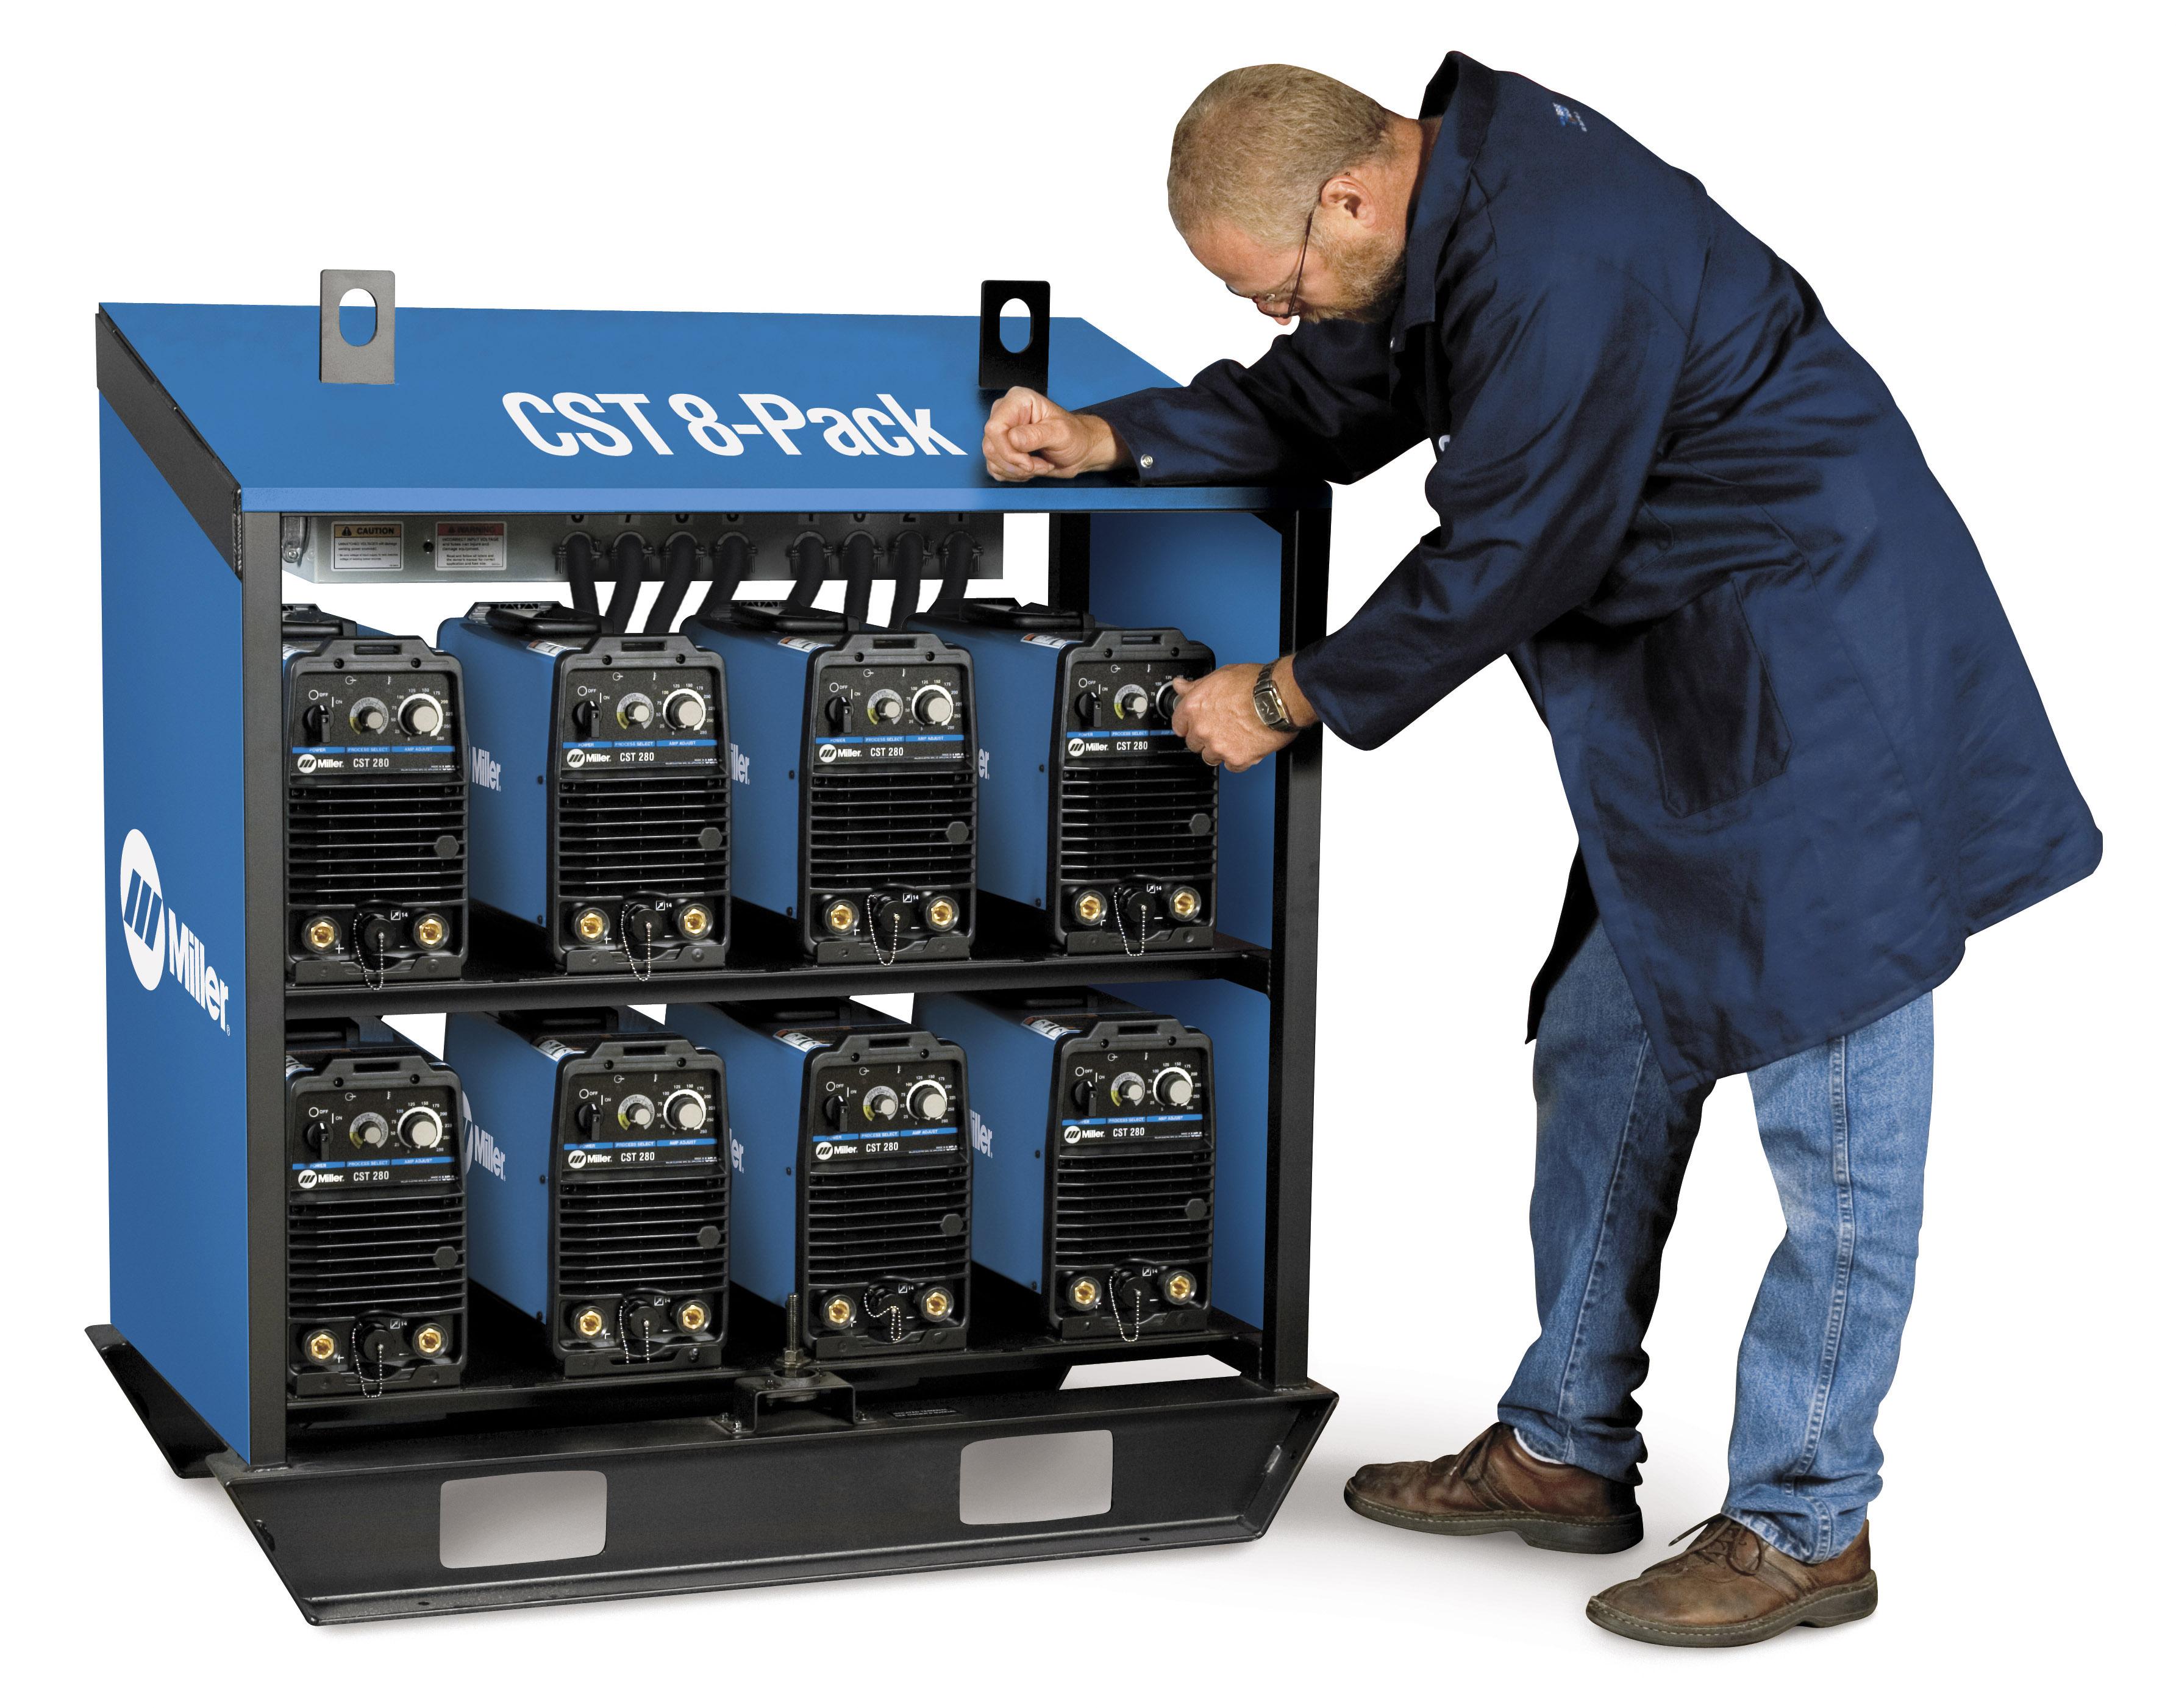 lincoln sa 200 welder wiring diagram toyota corolla sae 300 remote control ~ odicis